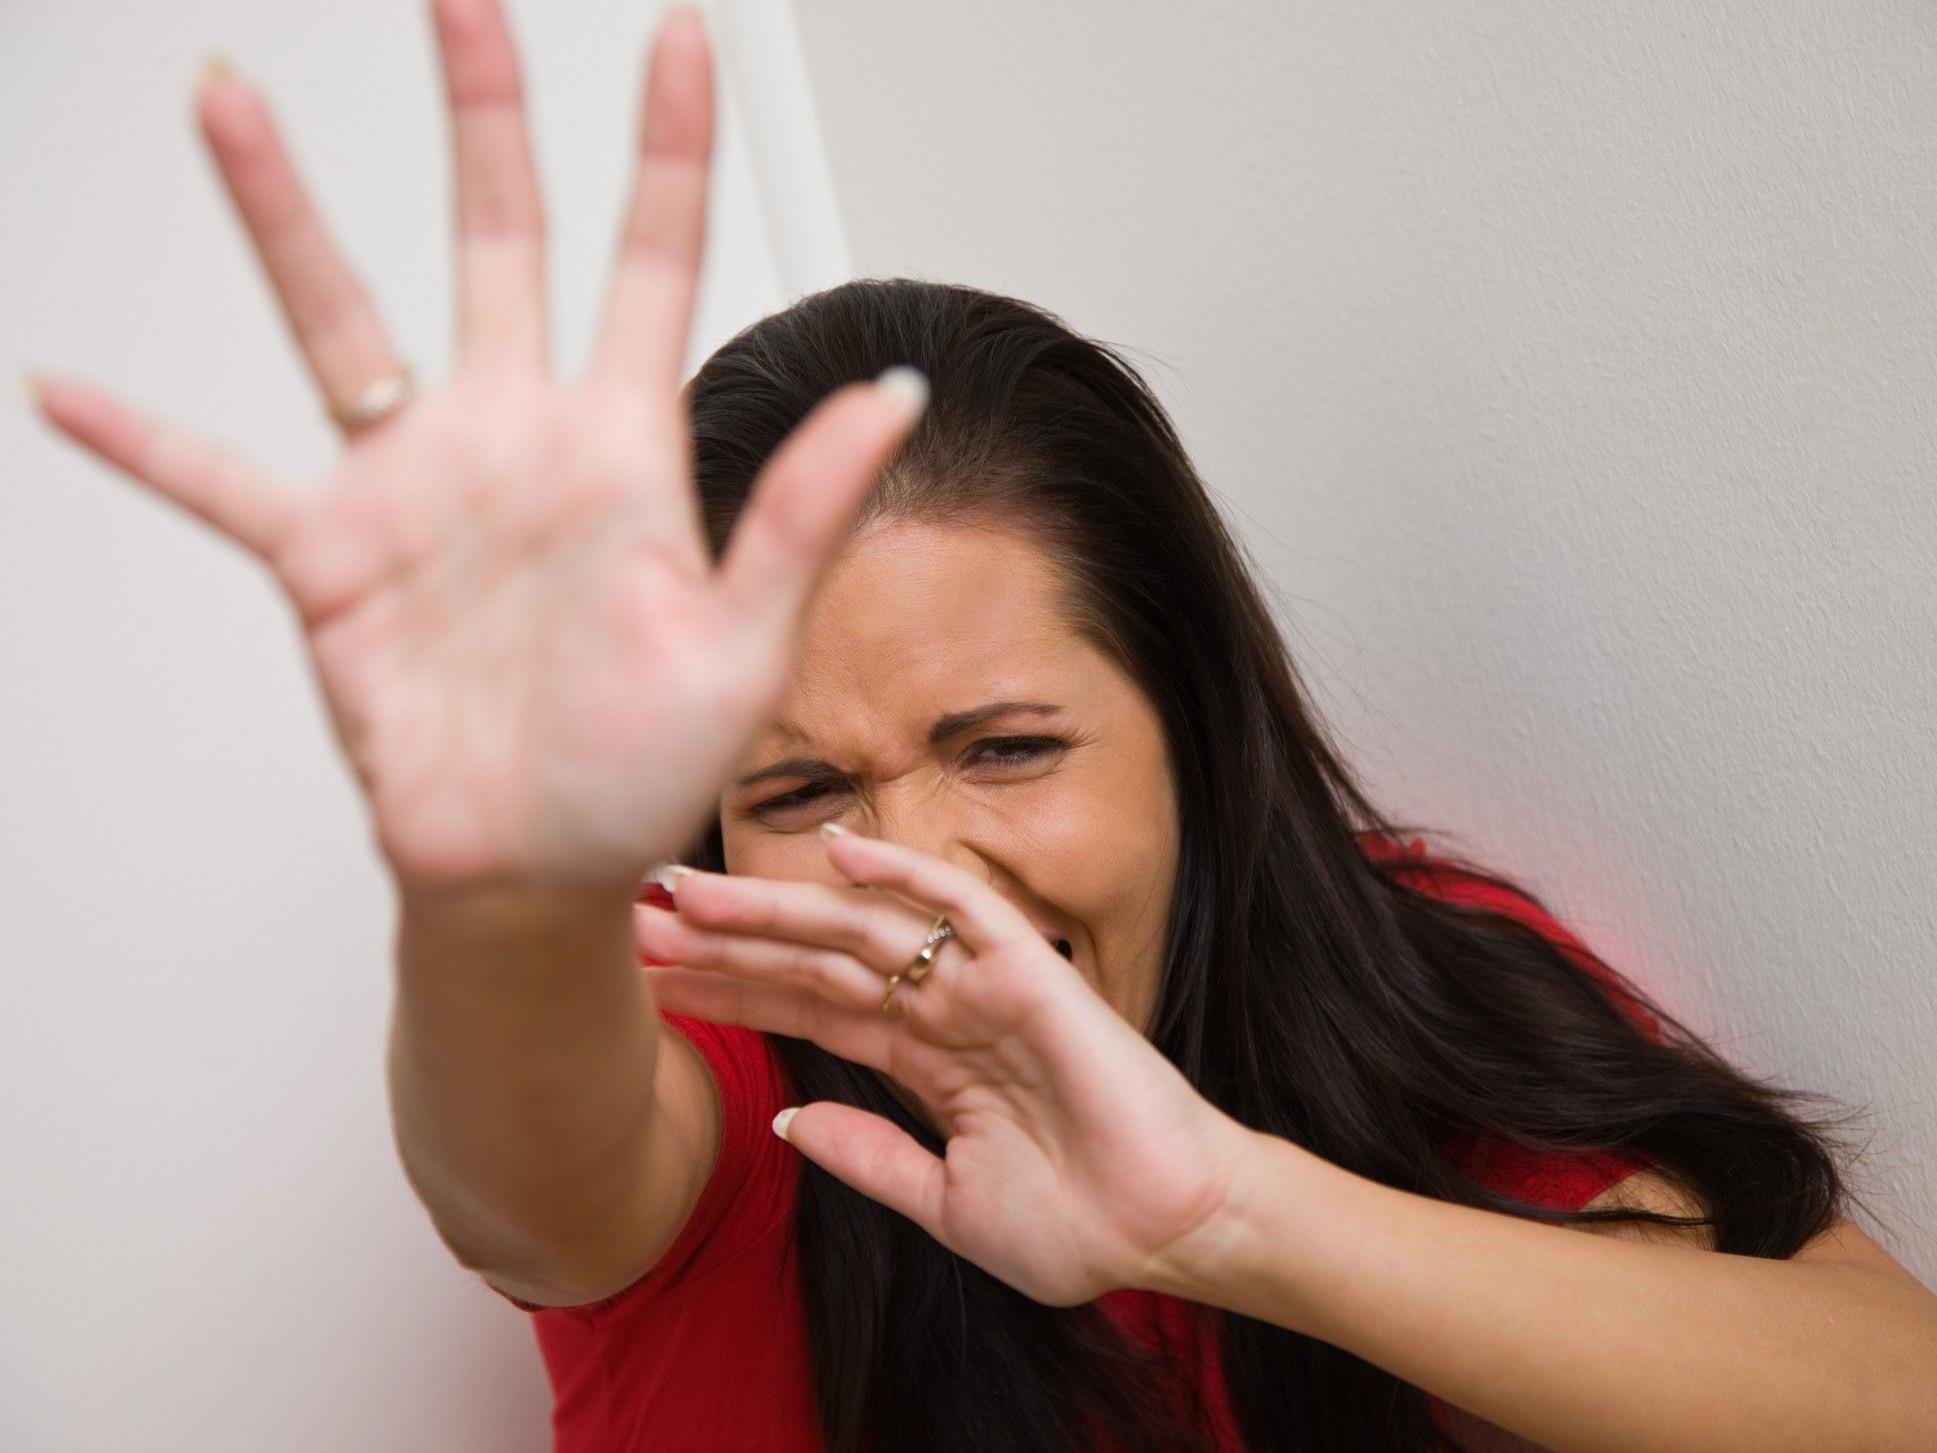 Die 33-Jährige zeigte ihren Mann nach einem angeblichen Tötungsversuch an.